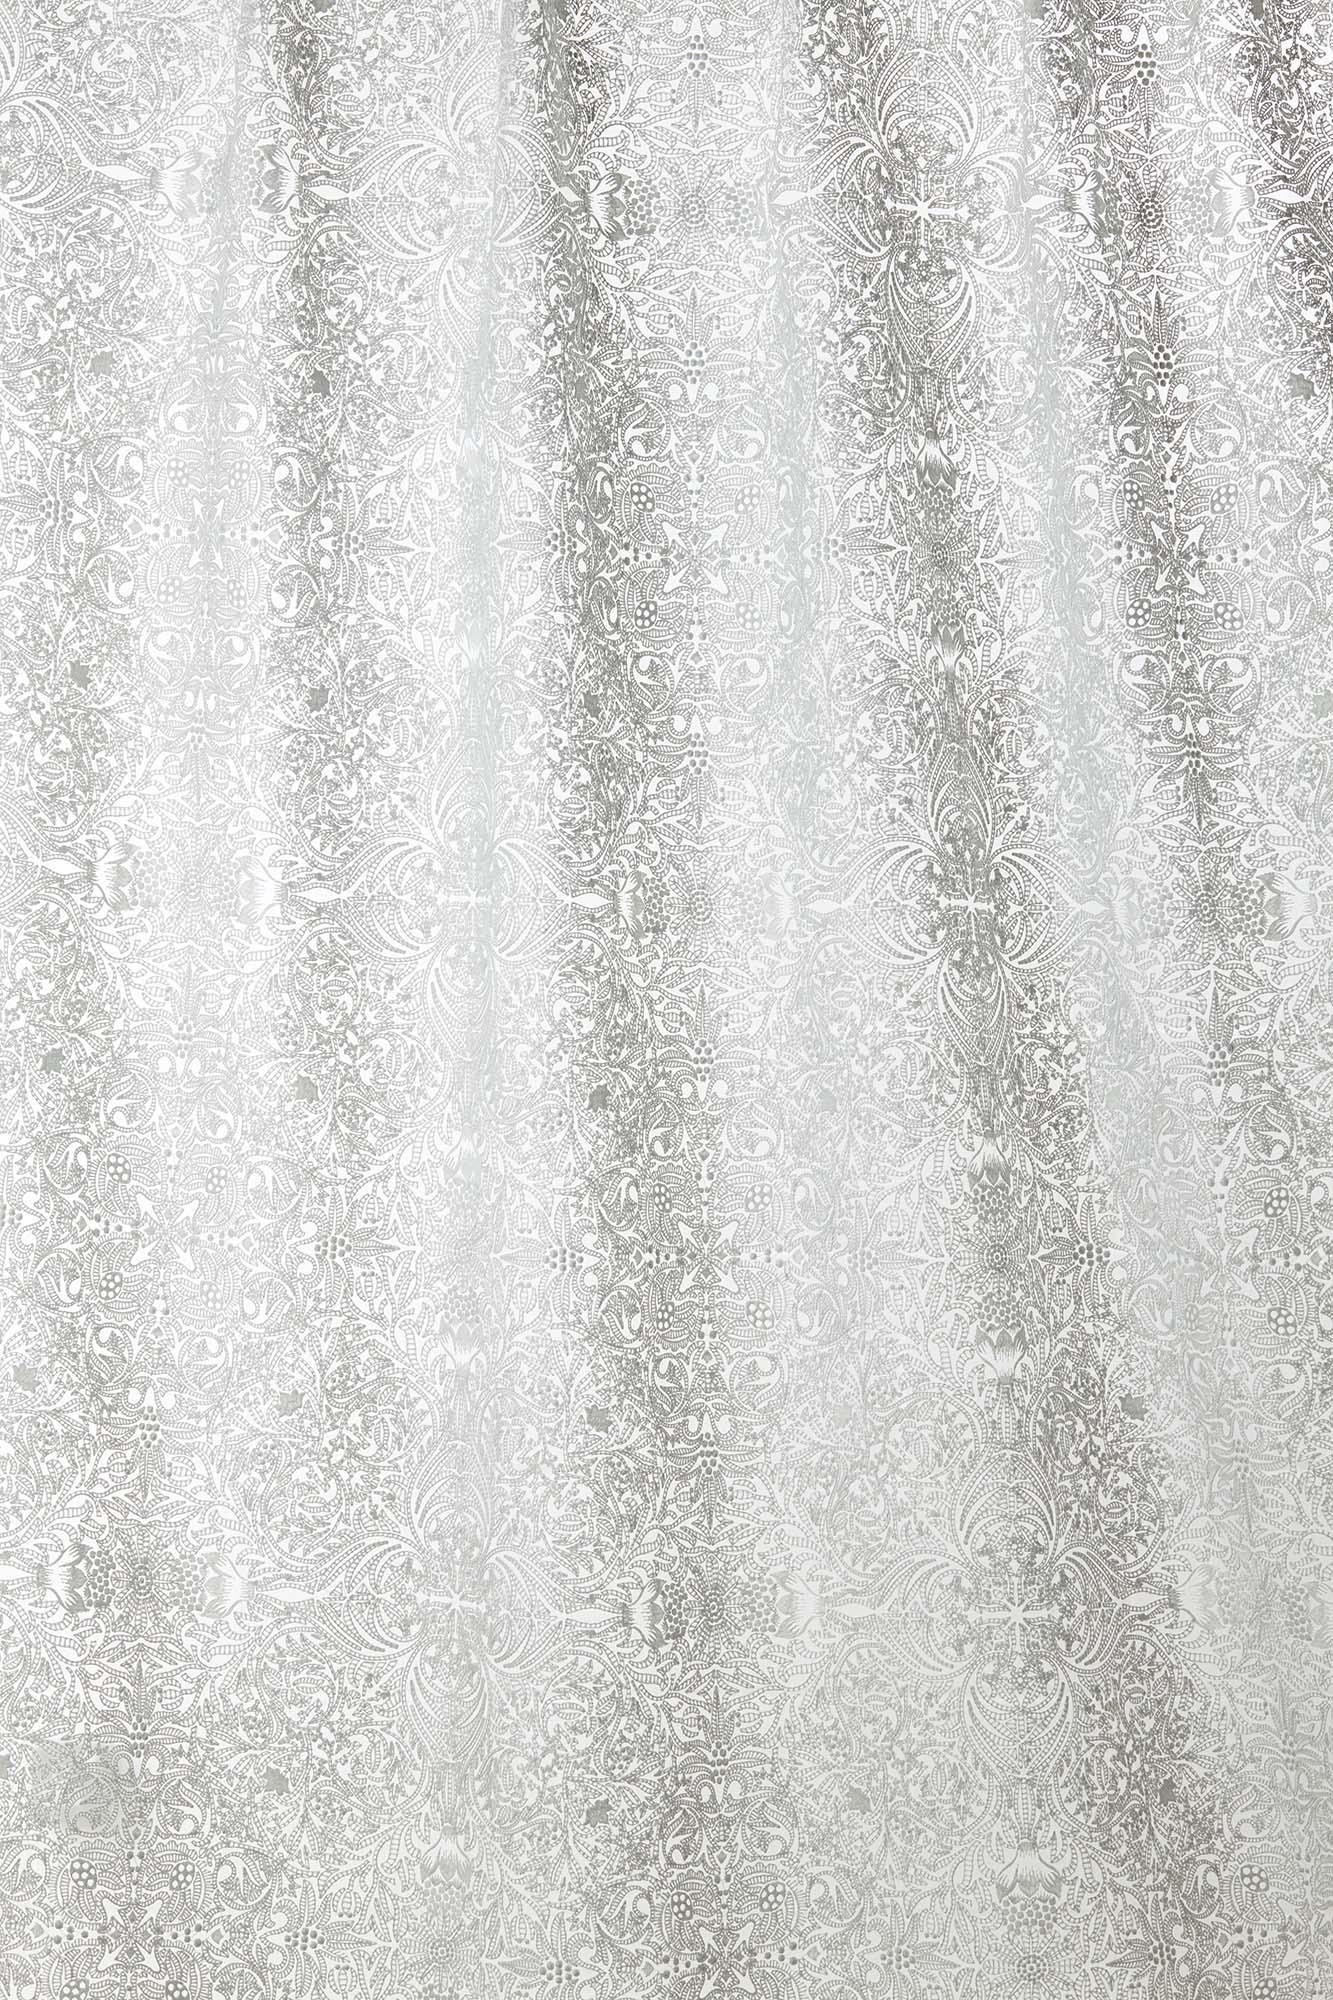 ウィリアムモリス生地 Pure Ceiling Embroidery 236070